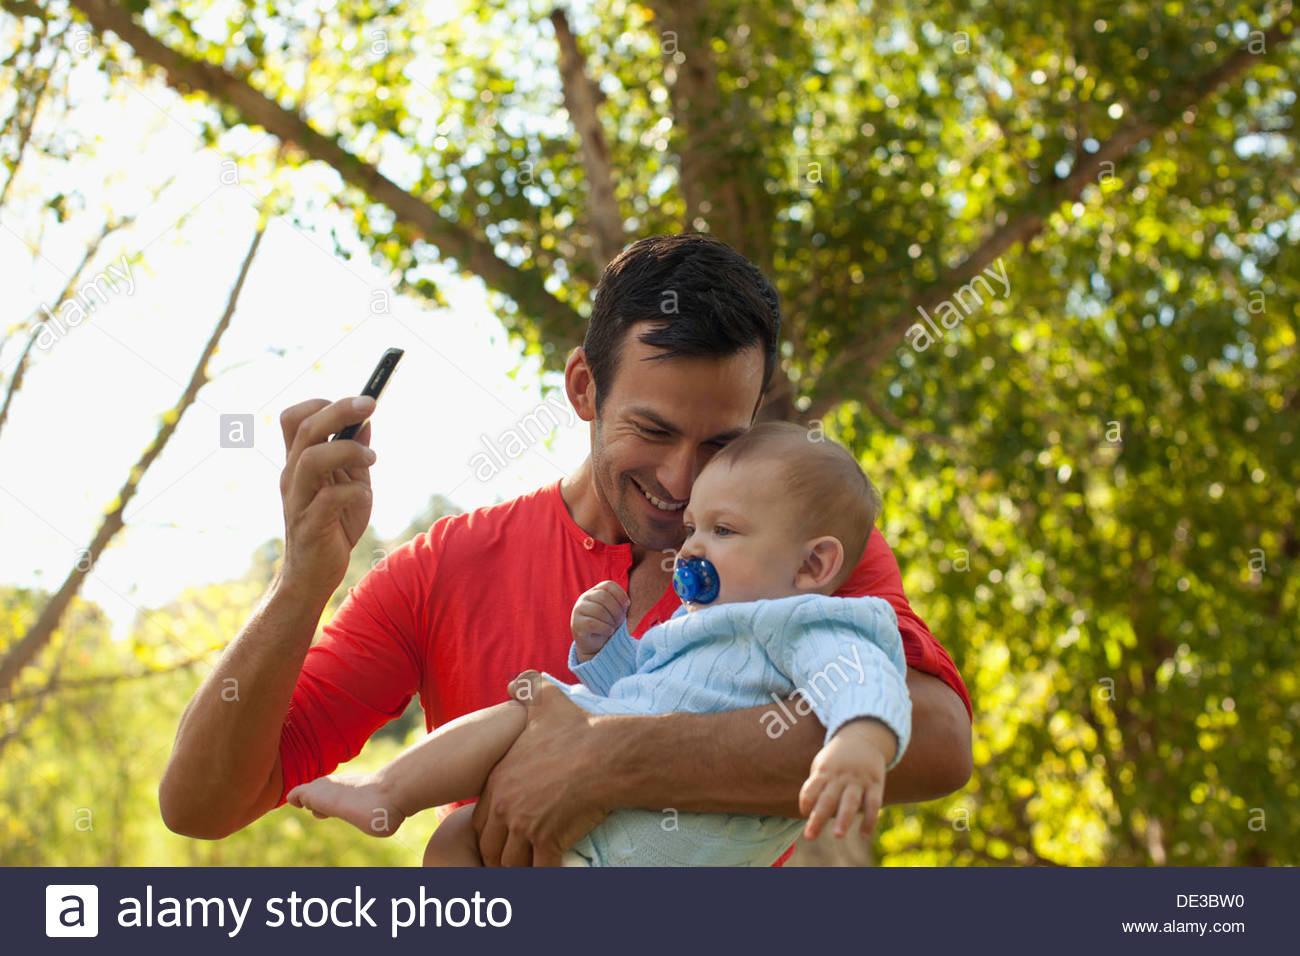 Vater unter Bild von sich und baby Stockbild